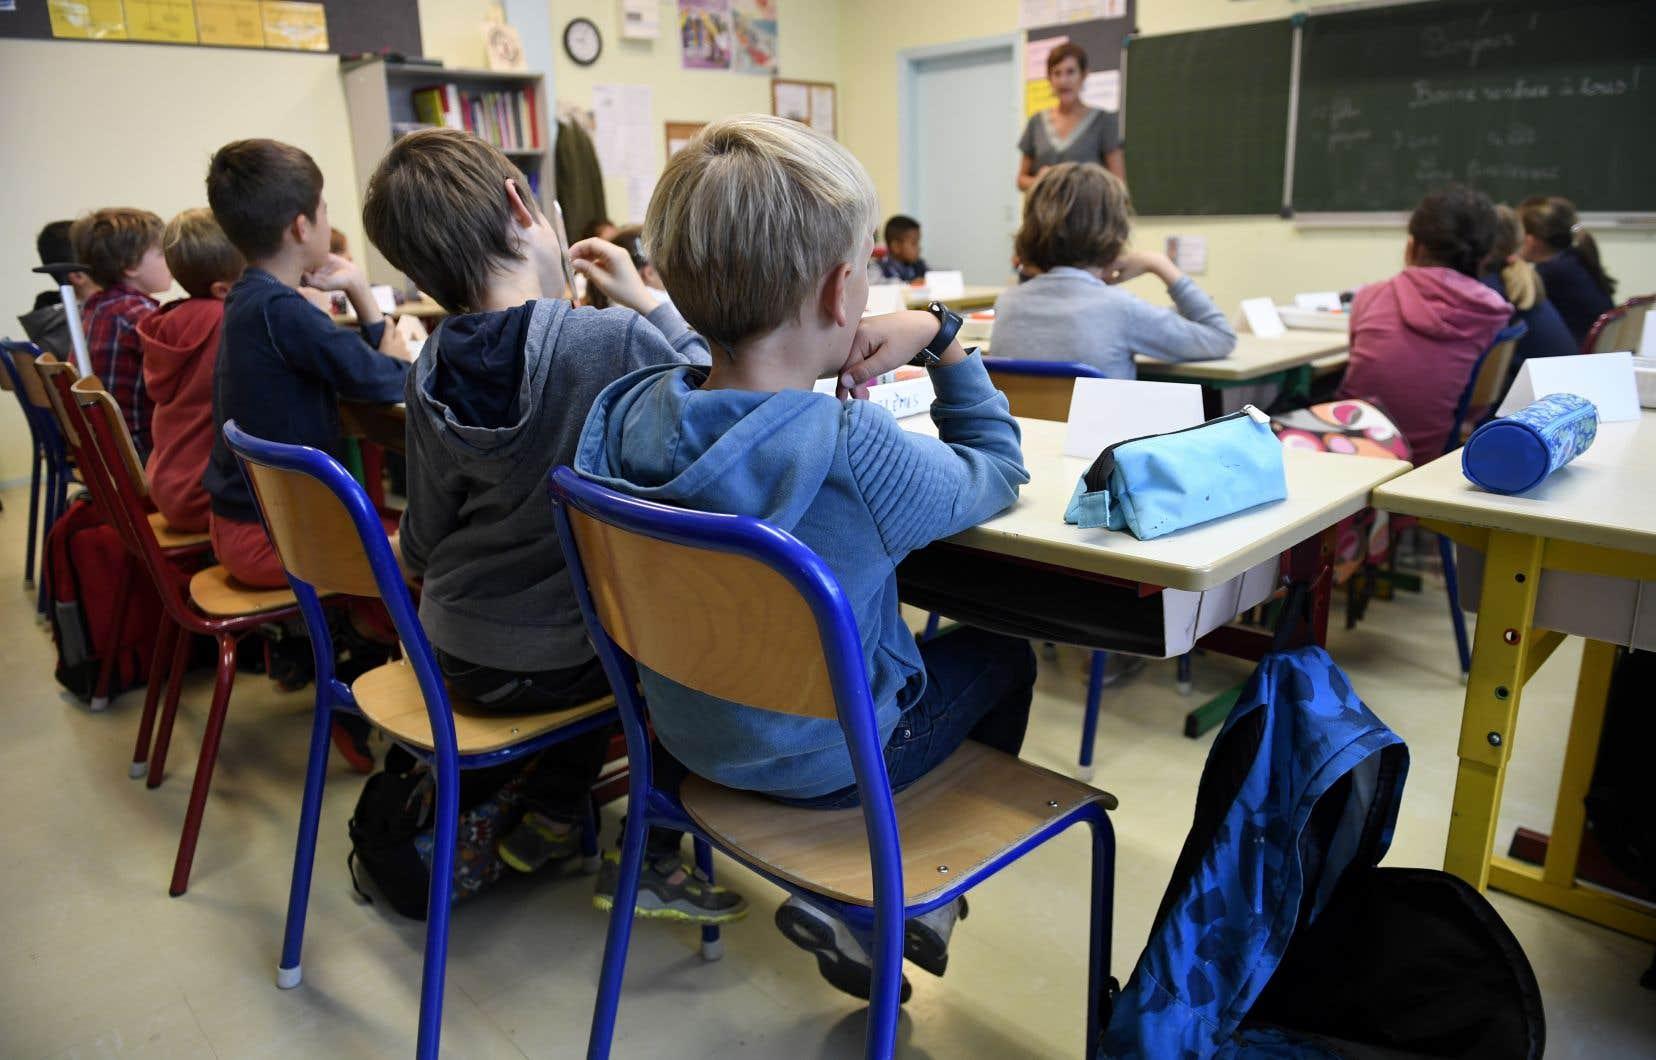 Le nombre d'élèves qu'on croit porteurs d'une lacune individuelle qui serait la source de leur problème scolaire augmente avec les années, selon l'auteur.